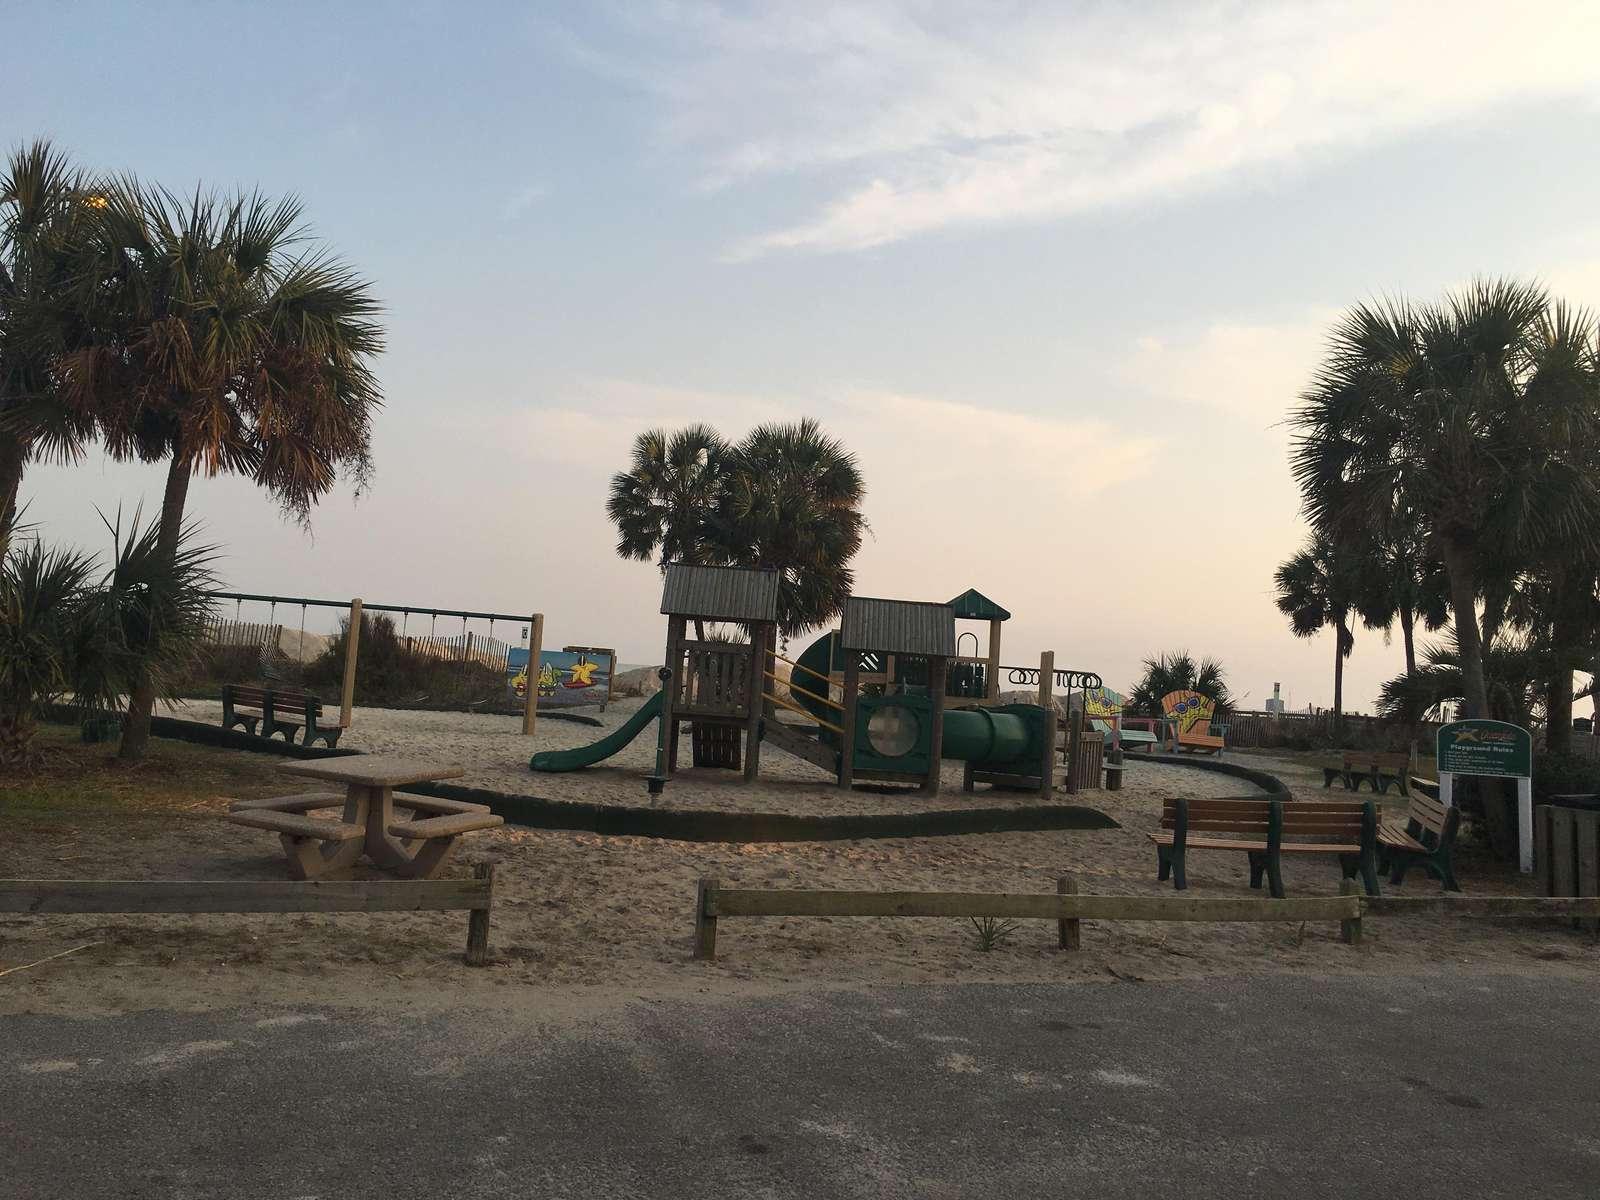 2nd playground